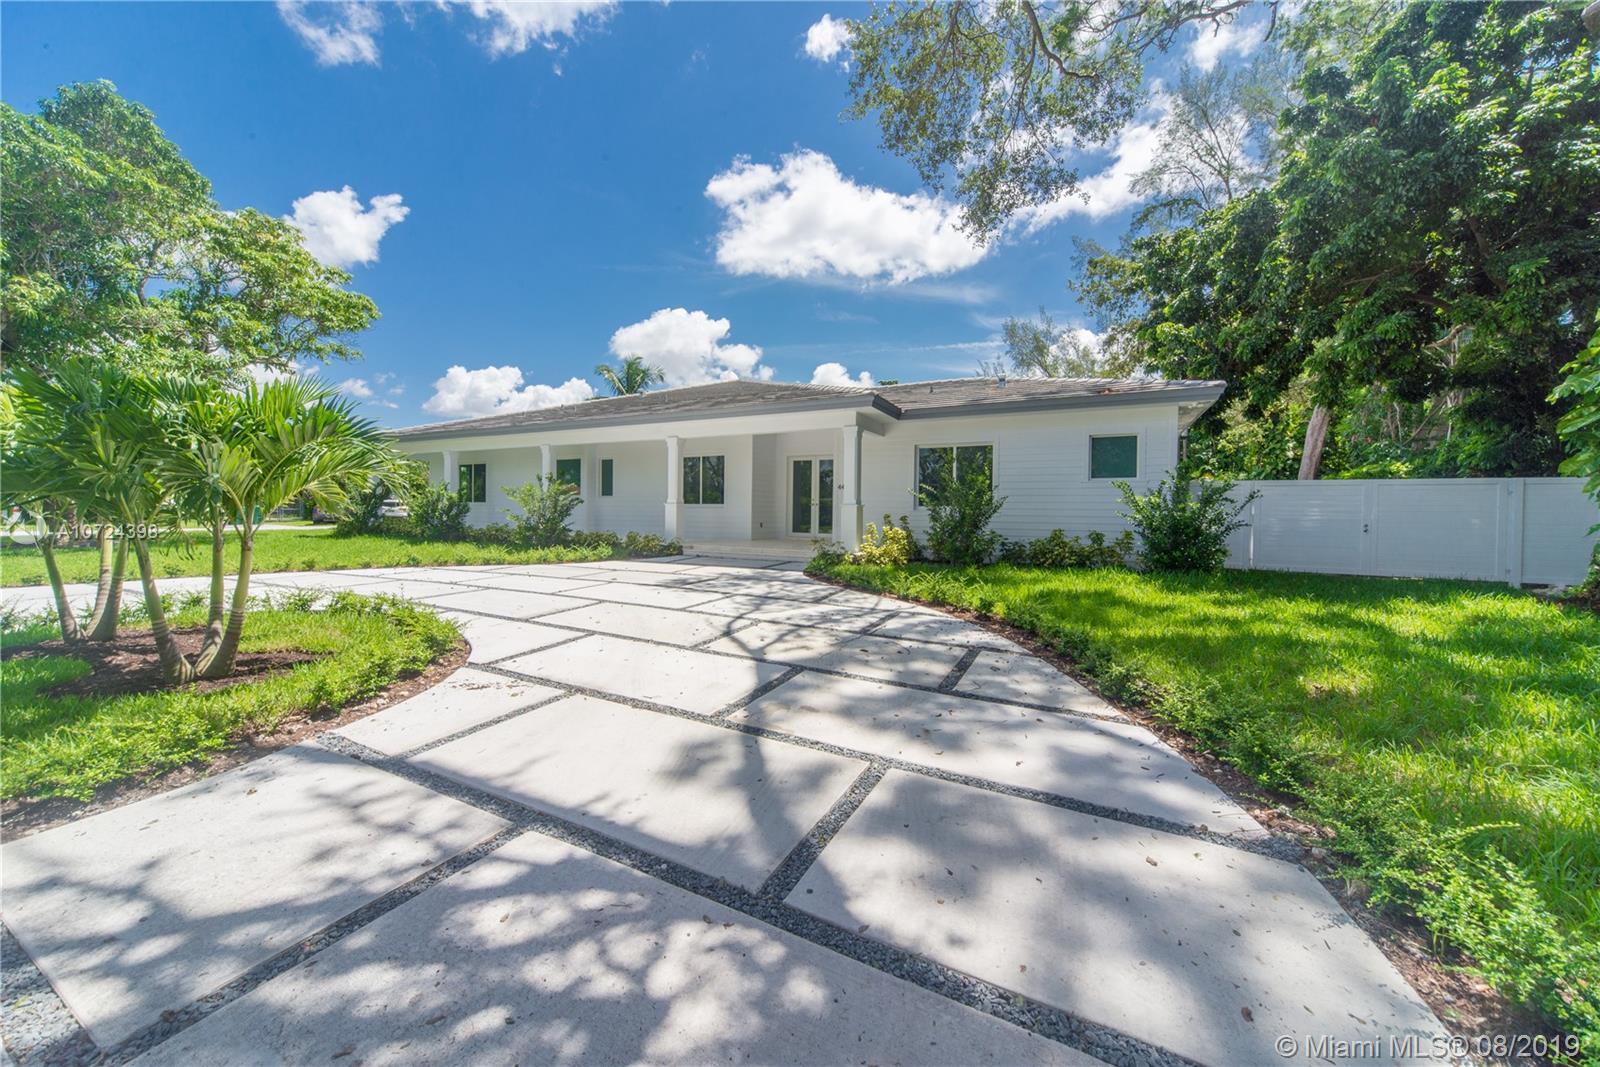 4405 SW 64th Ct, Miami, FL 33155